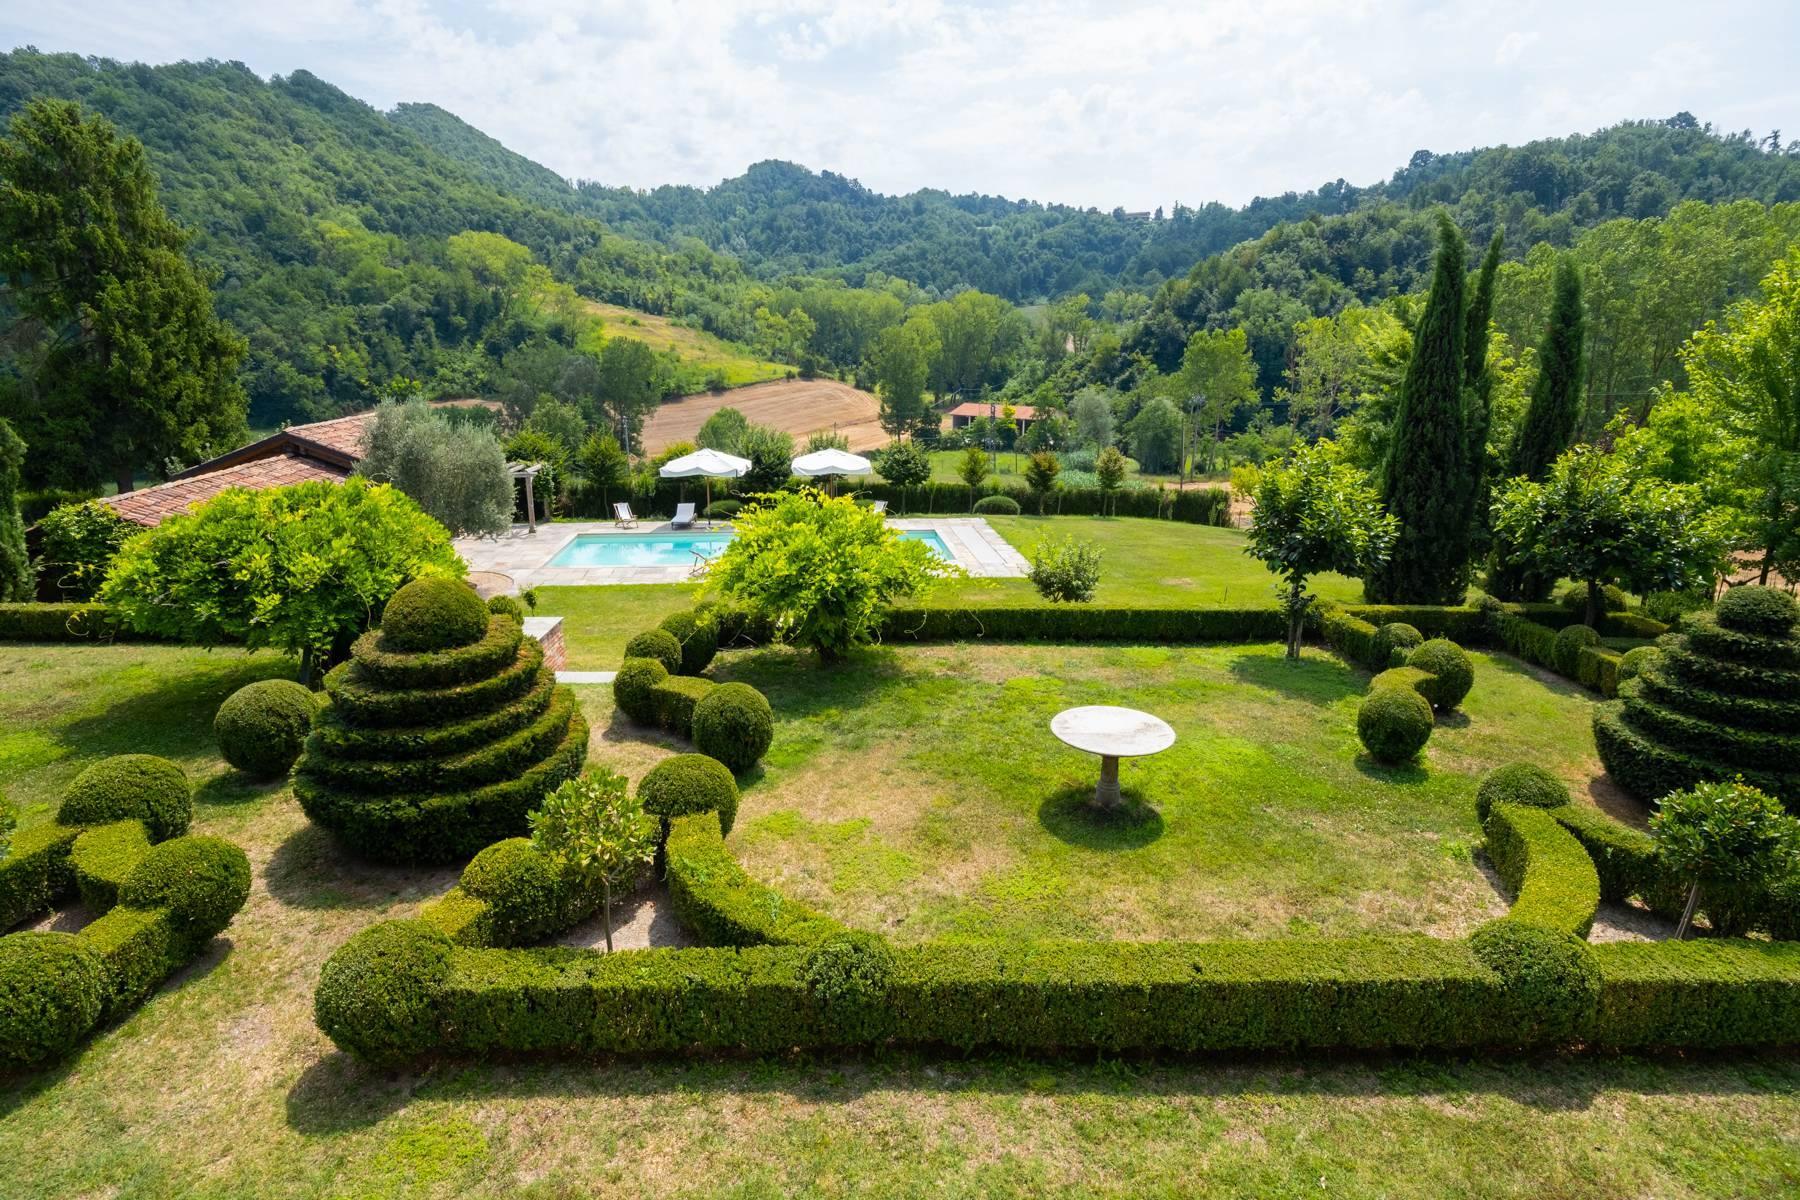 Affascinante casale con piscina nel verde delle colline del Monferrato - 16